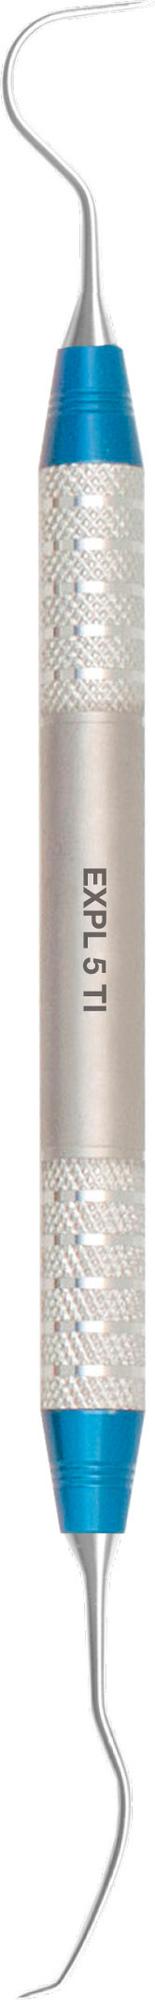 Titanium implant exploer   expl 5 ti xlarge